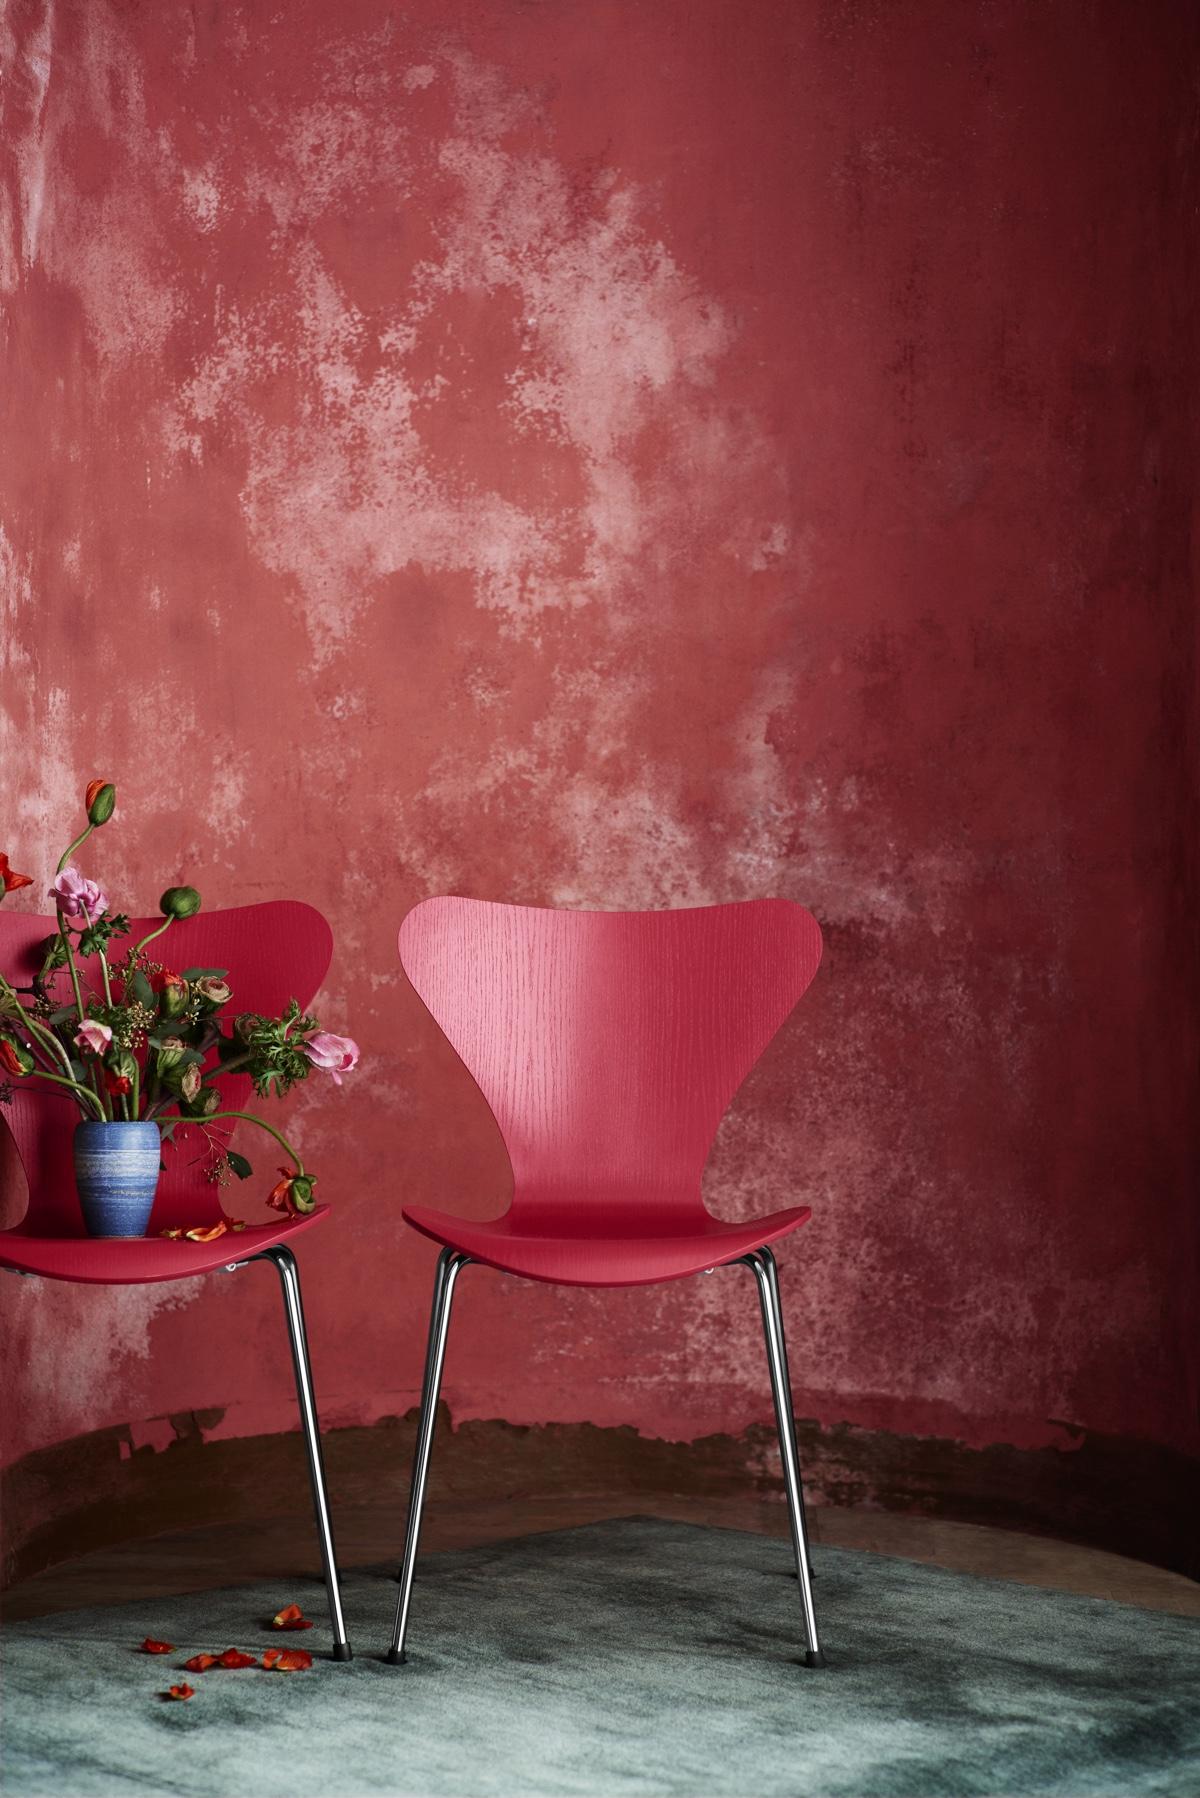 Ярко-розовый стул 50-х годов изогнутой формы